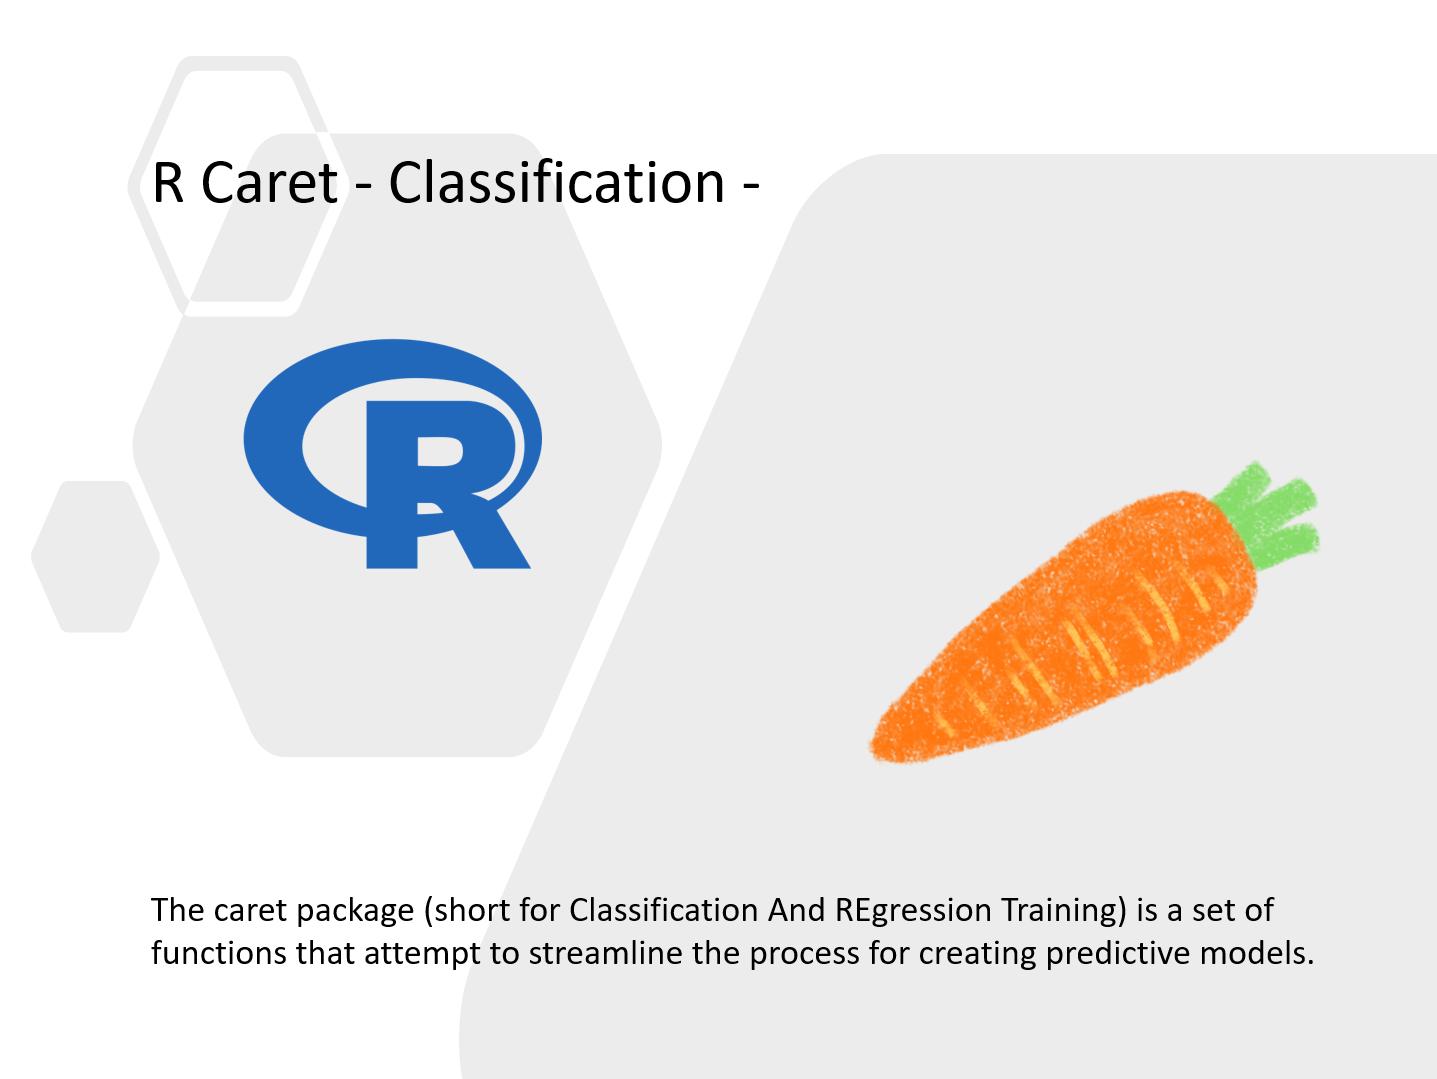 200以上のアルゴリズムを試せる<br>R Caret によるシンプル機械学習モデリング<br>その2(分類問題編)